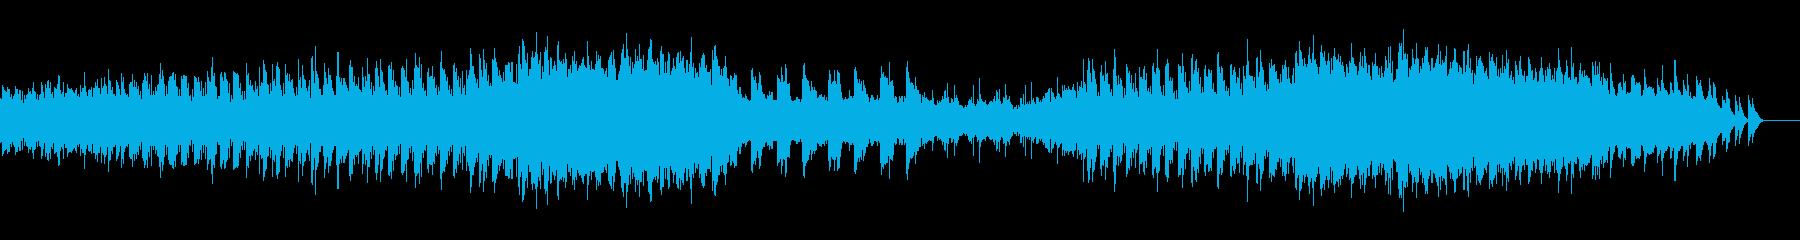 映画のエンディングロールのような-09の再生済みの波形